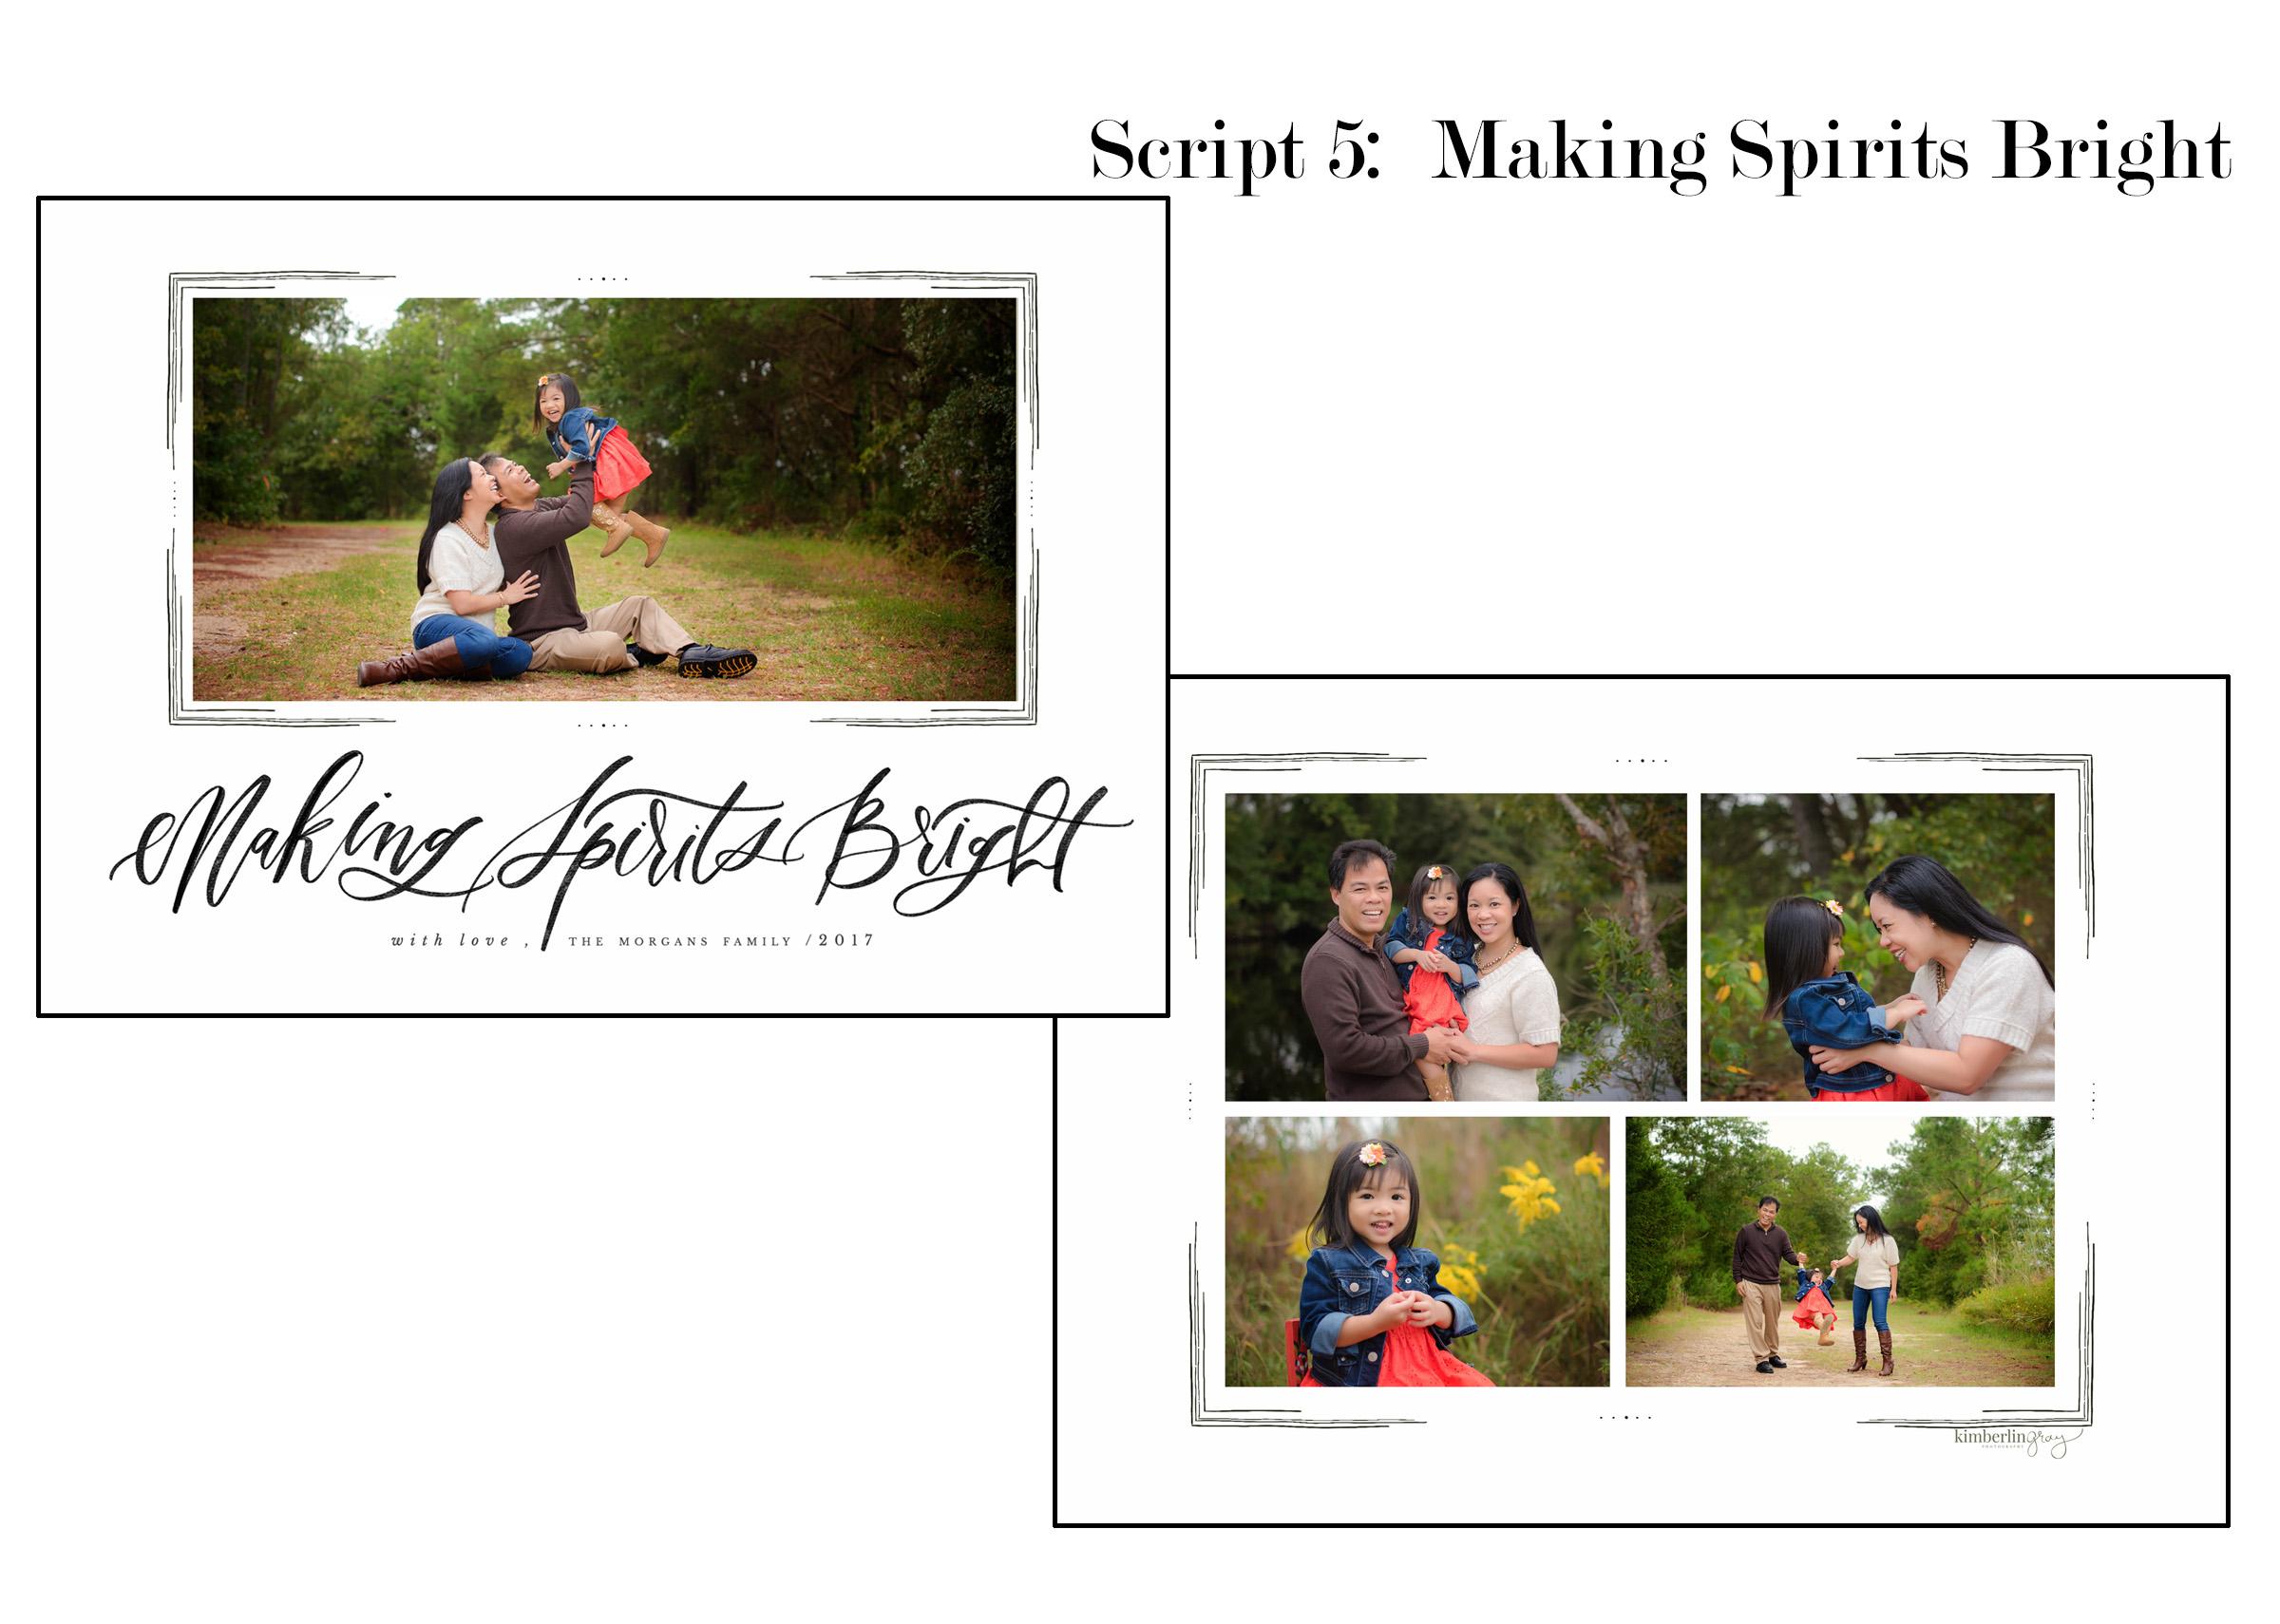 SpiritsBright.jpg